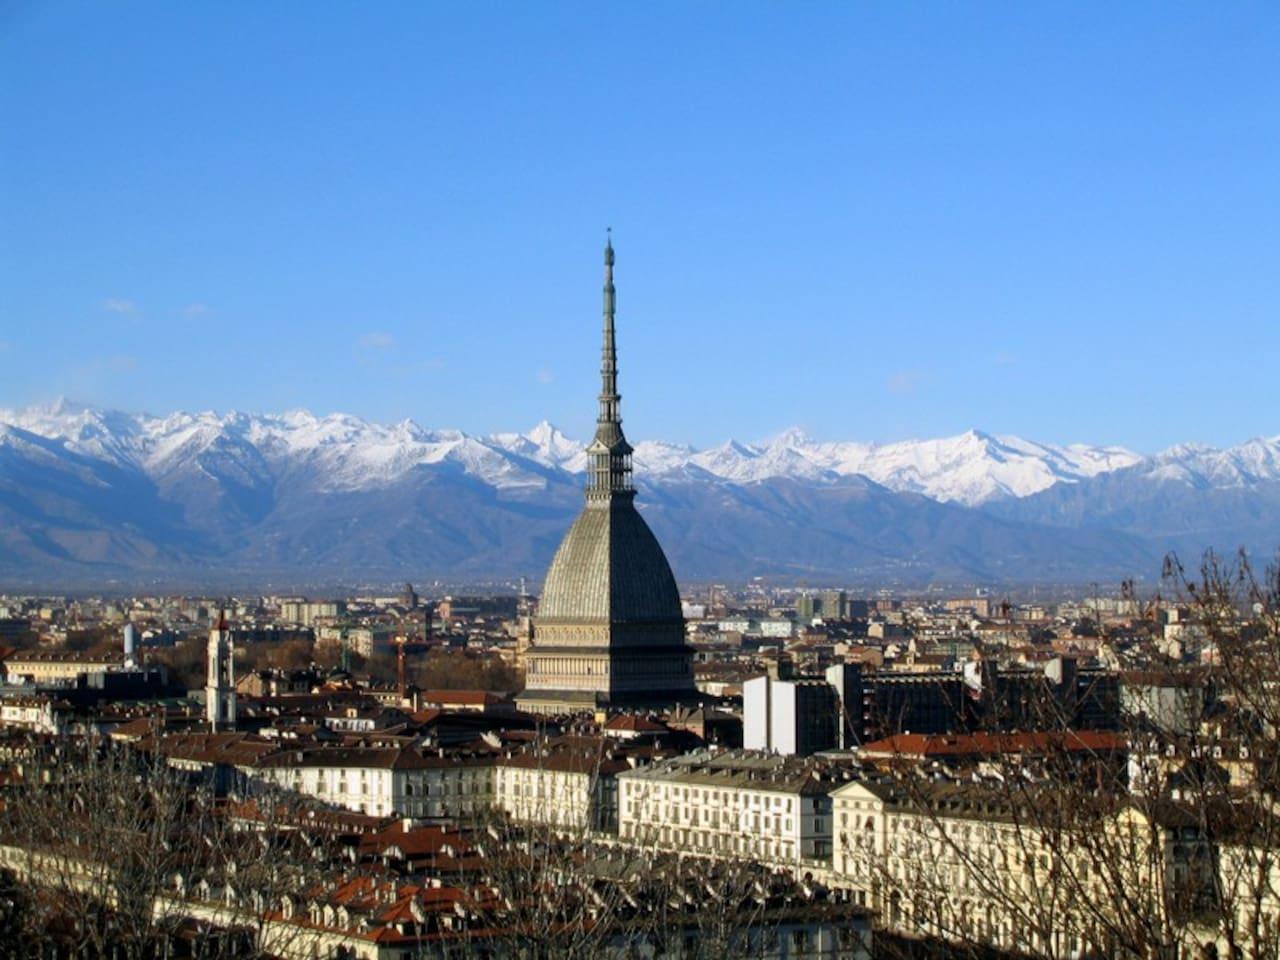 Il centro città visto dall'alto con la Mole Antonelliana